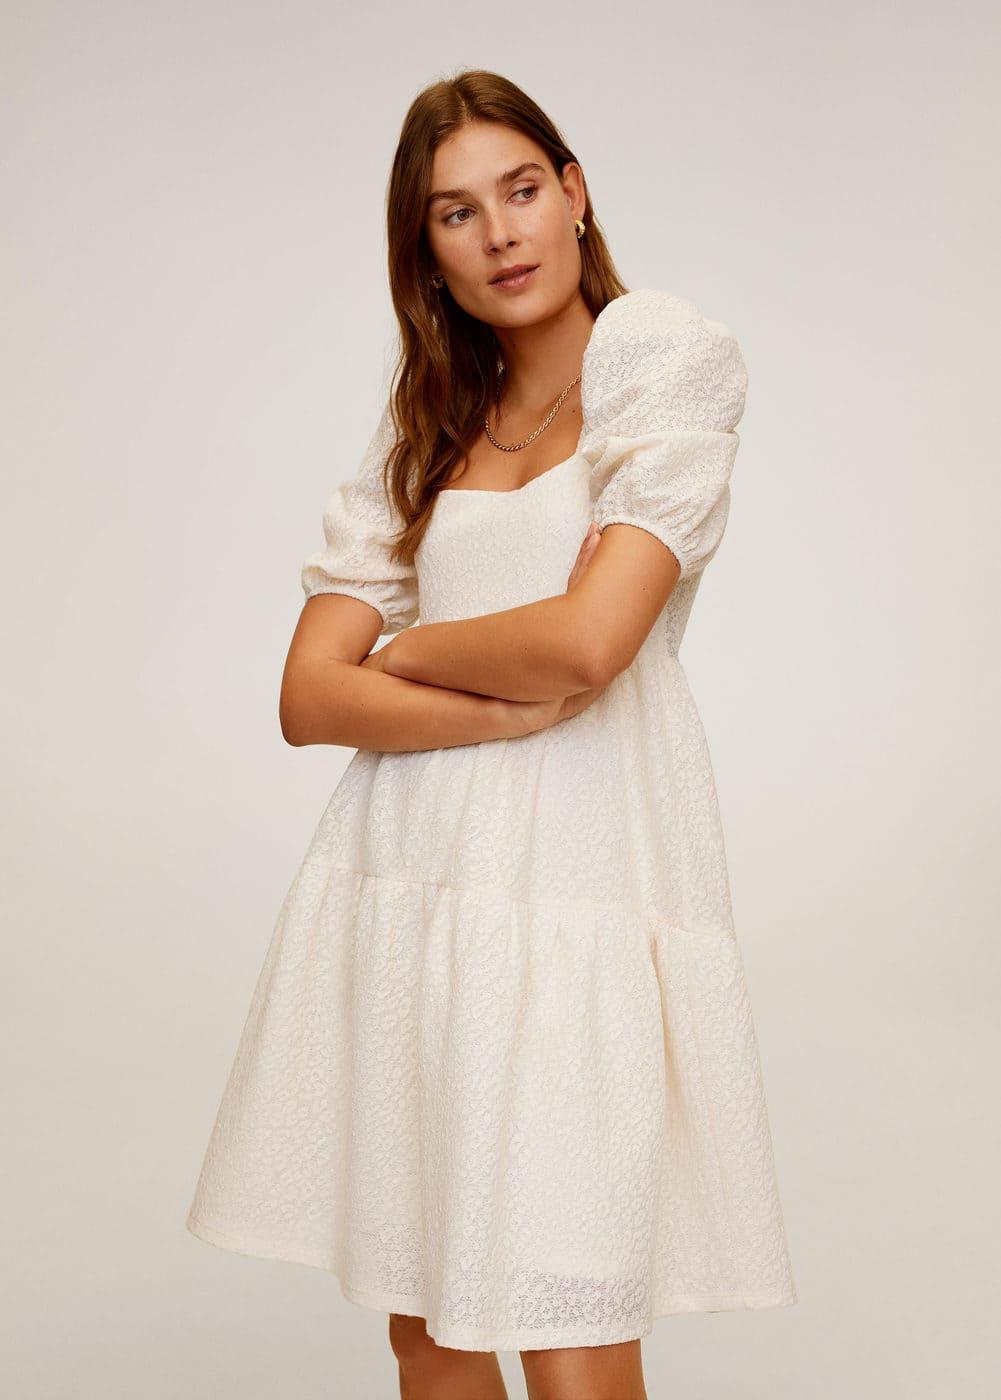 Фактурное платье с воланами -  Женская | Mango МАНГО Россия (Российская Федерация)